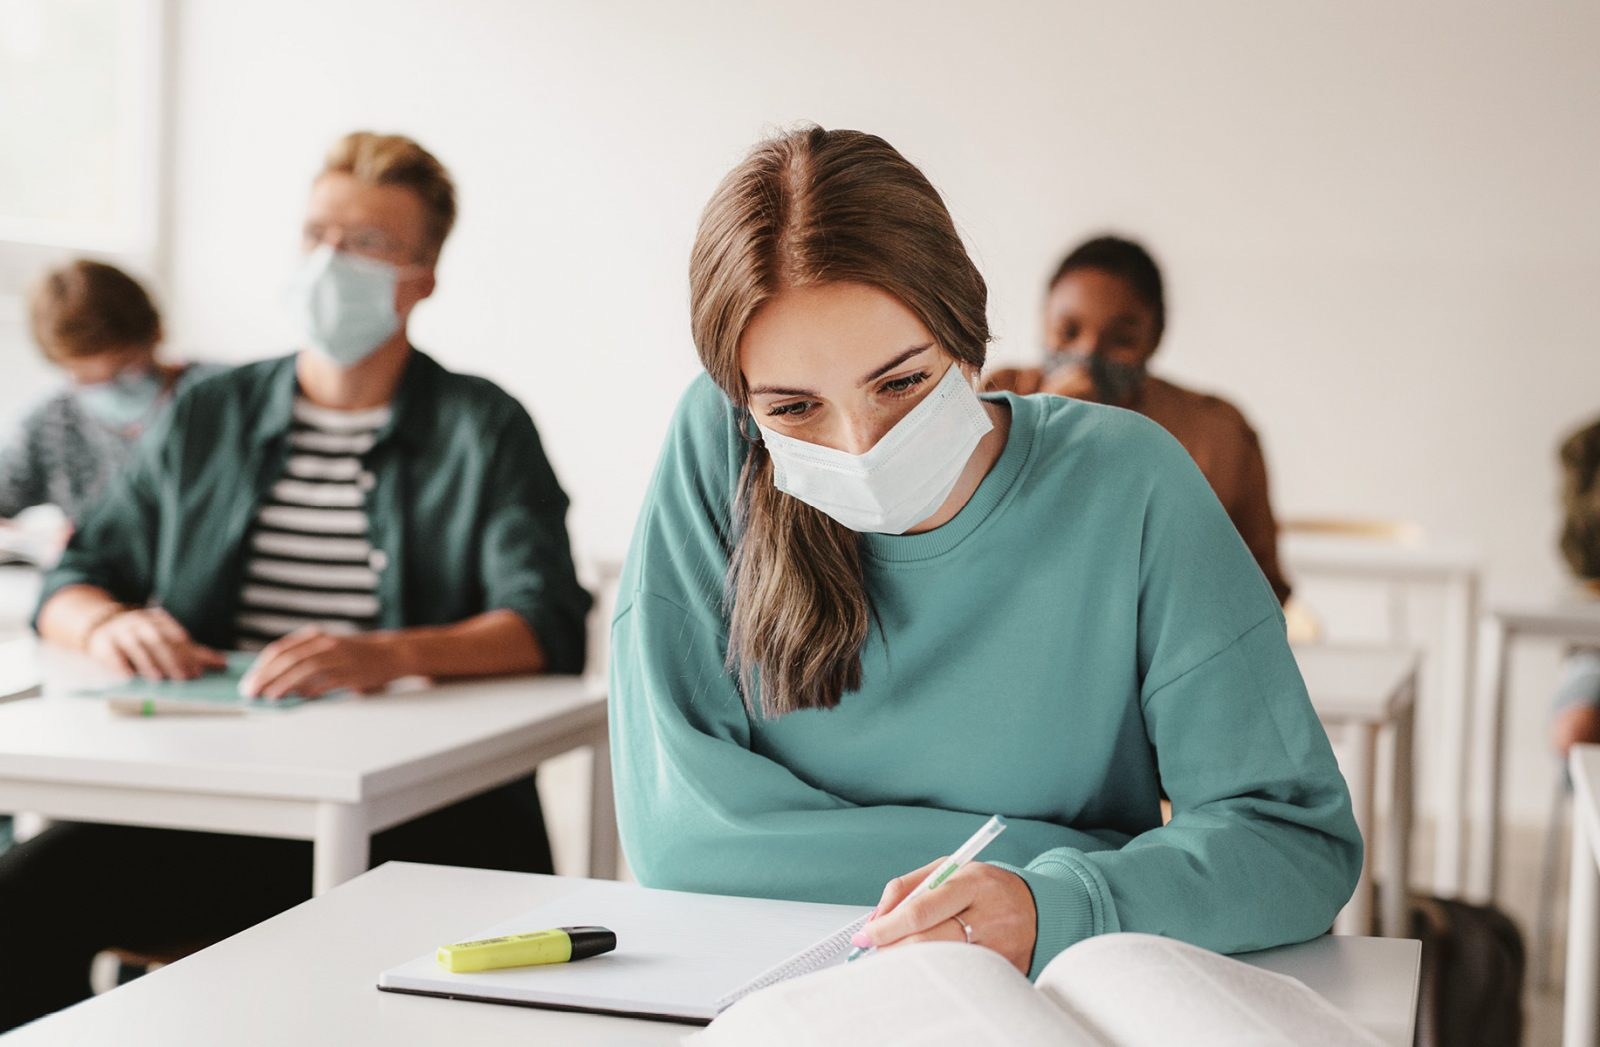 Junge Frau in einem Seminarraum mit Maske schaut in ein Buch